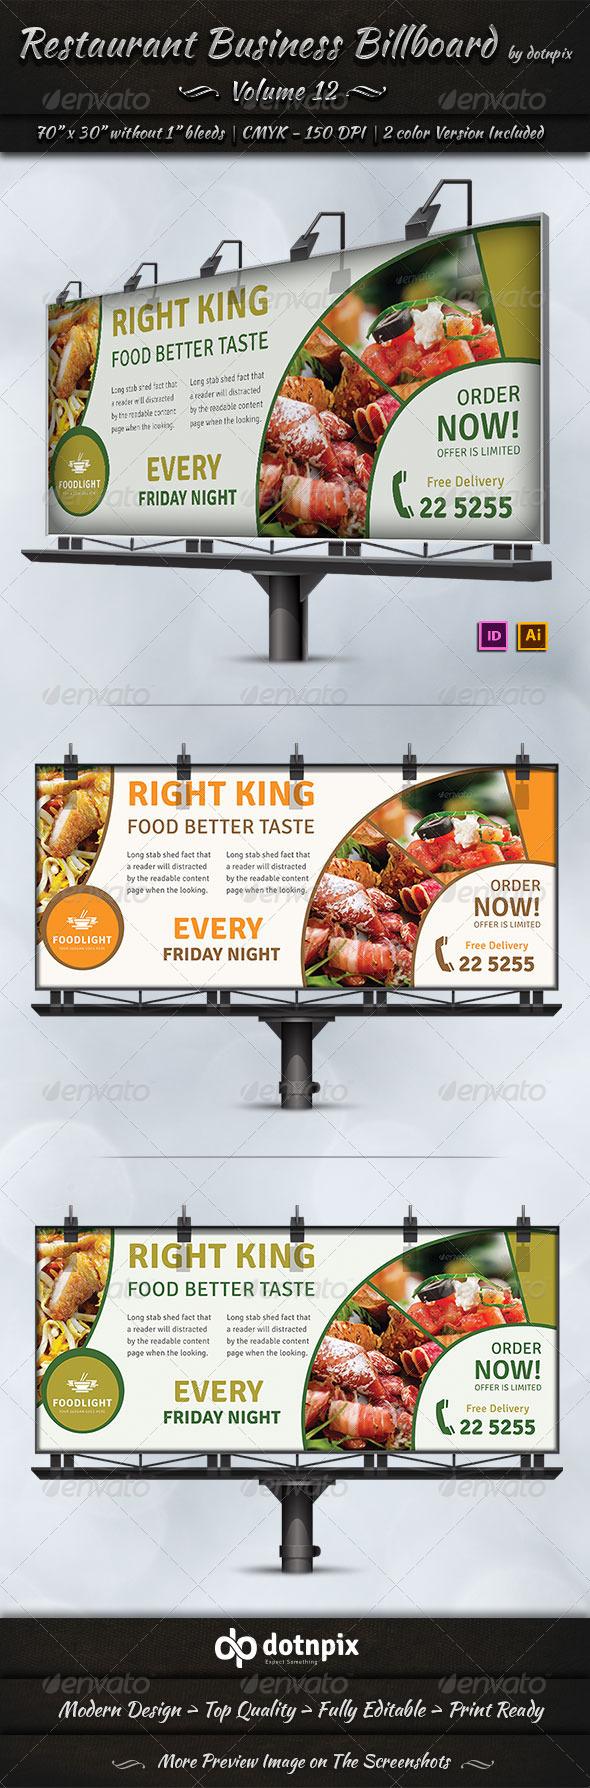 Restaurant Business Billboard Volume 12